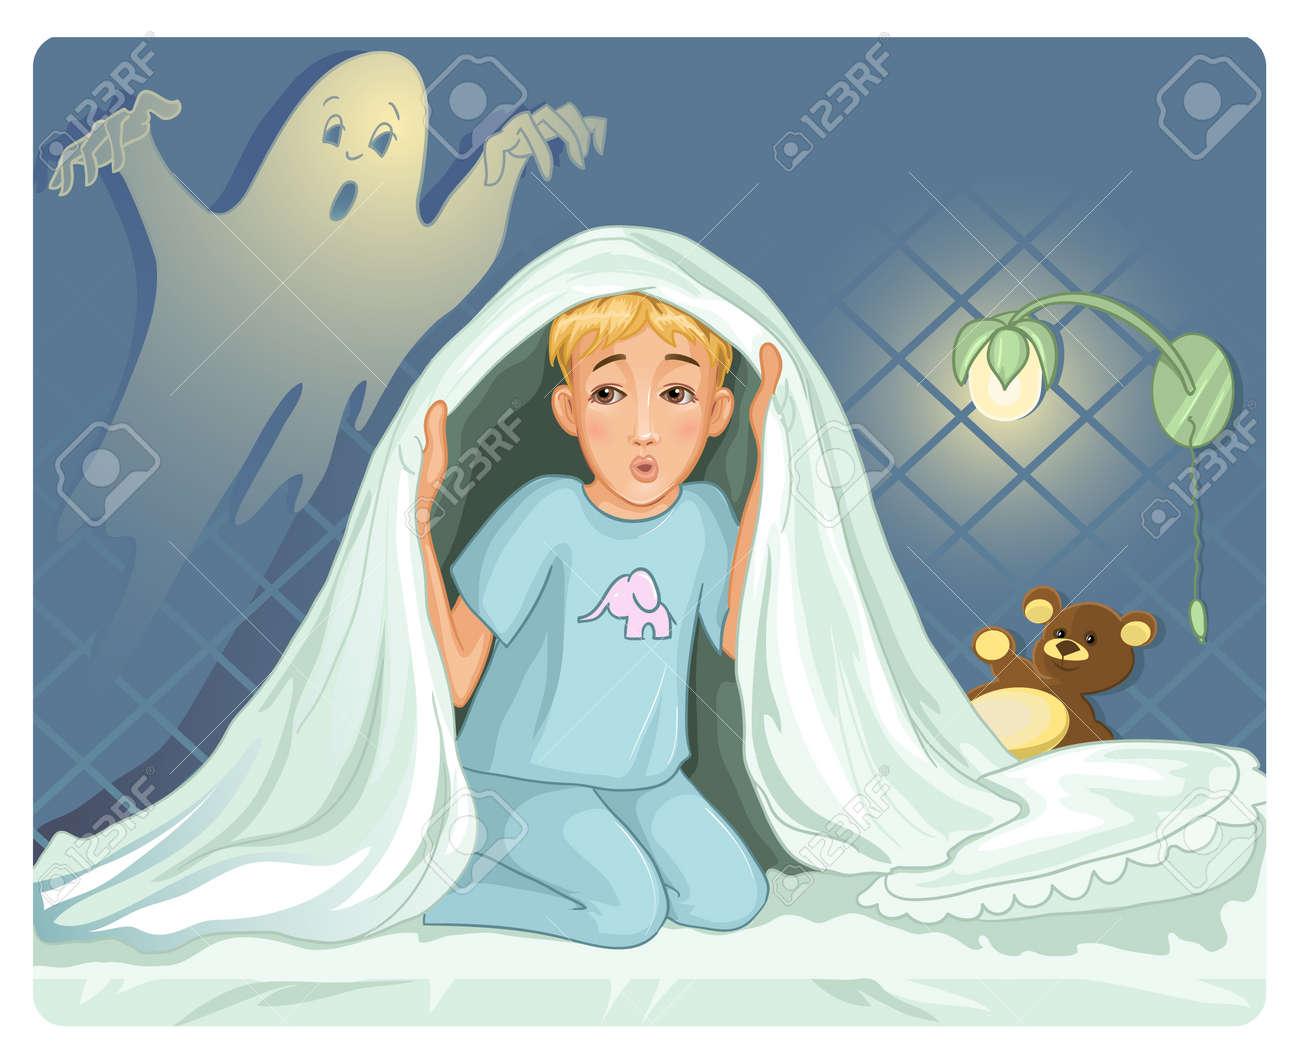 Bon Mardi 12812527-Petit-gar-on-ne-peut-pas-dormir-parce-que-a-la-peur-dans-la-nuit-Banque-d'images